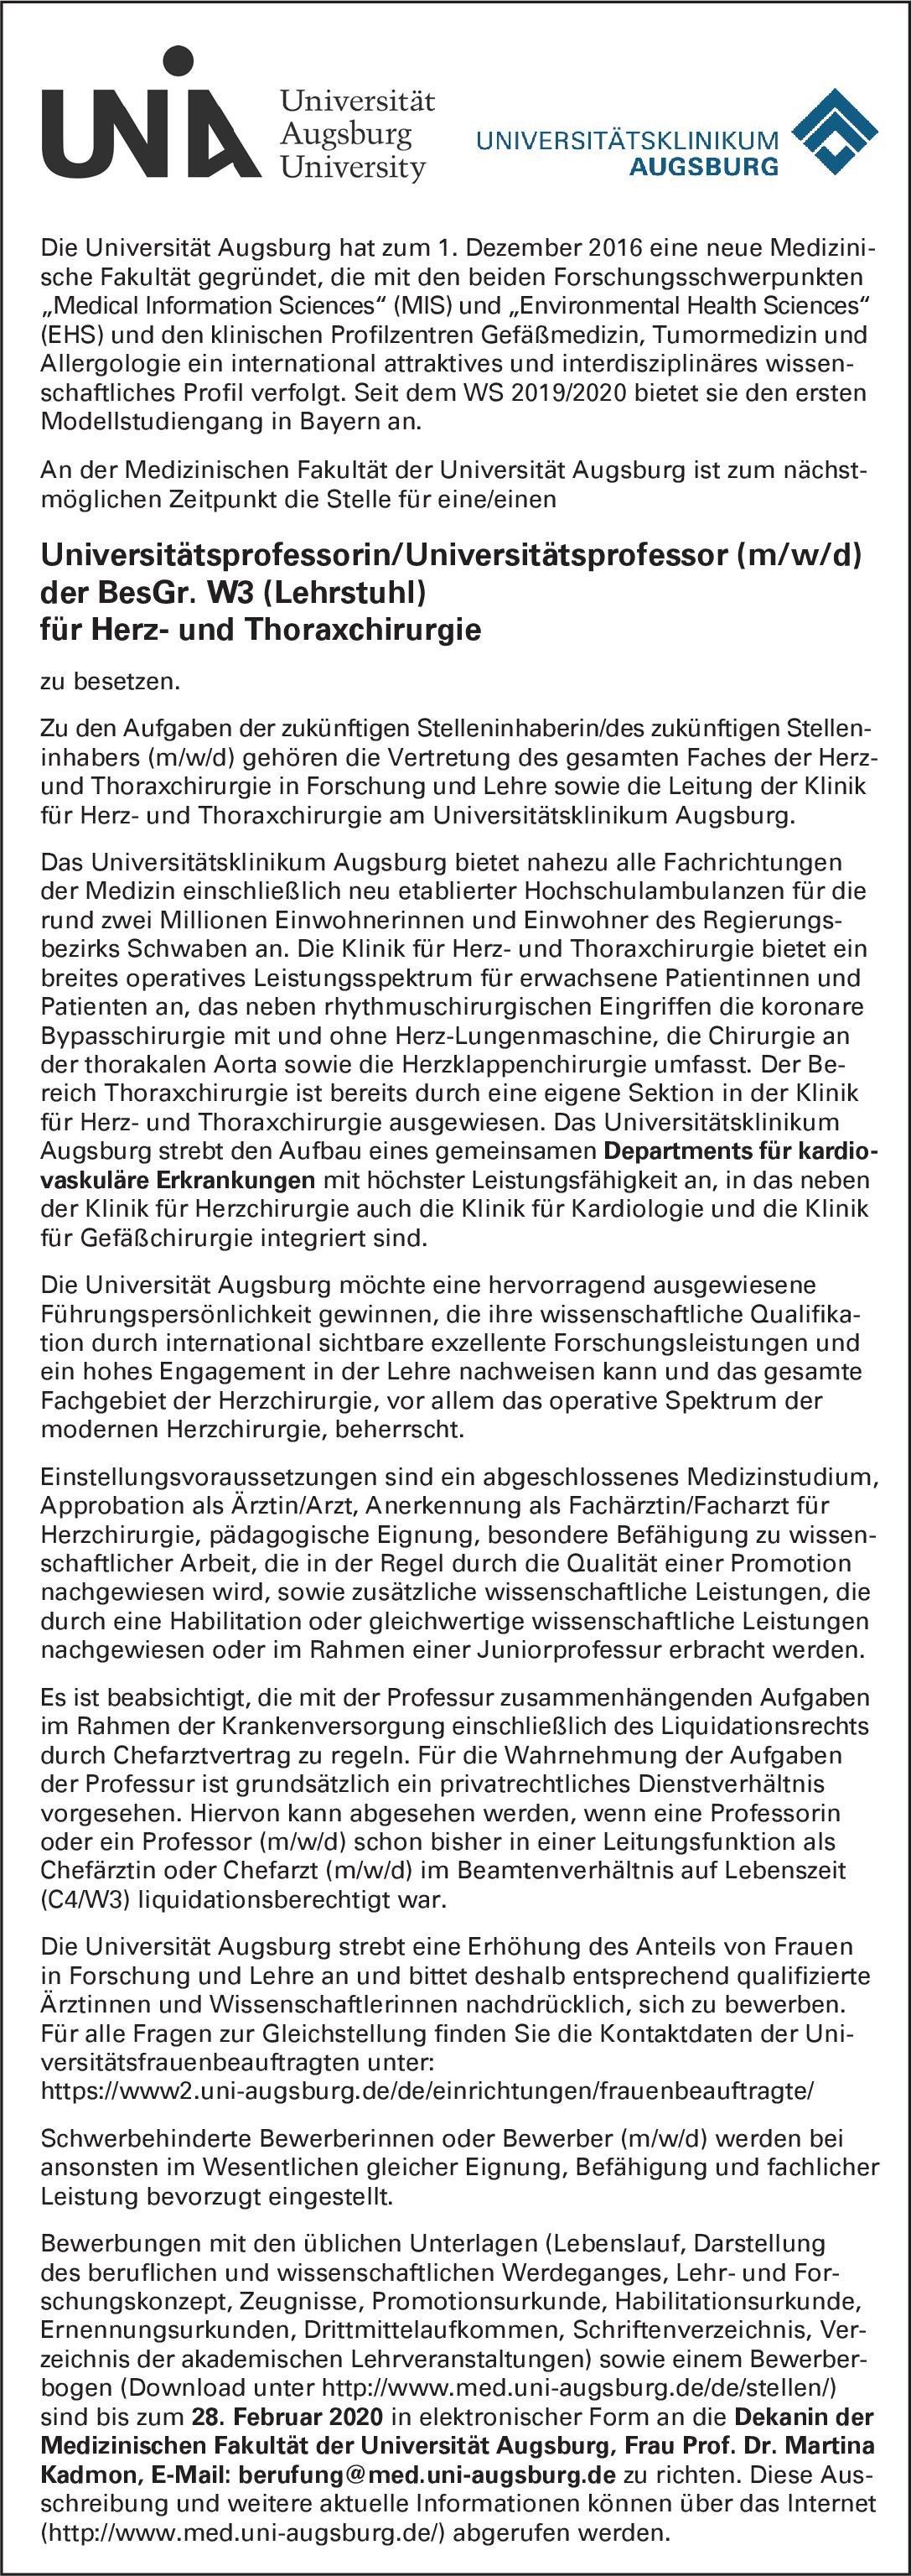 Universität Augsburg Universitätsprofessorin/Universitätsprofessor (m/w/d) der BesGr. W3 (Lehrstuhl) für Herz- und Thoraxchirurgie  Herzchirurgie, Thoraxchirurgie, Chirurgie Professor